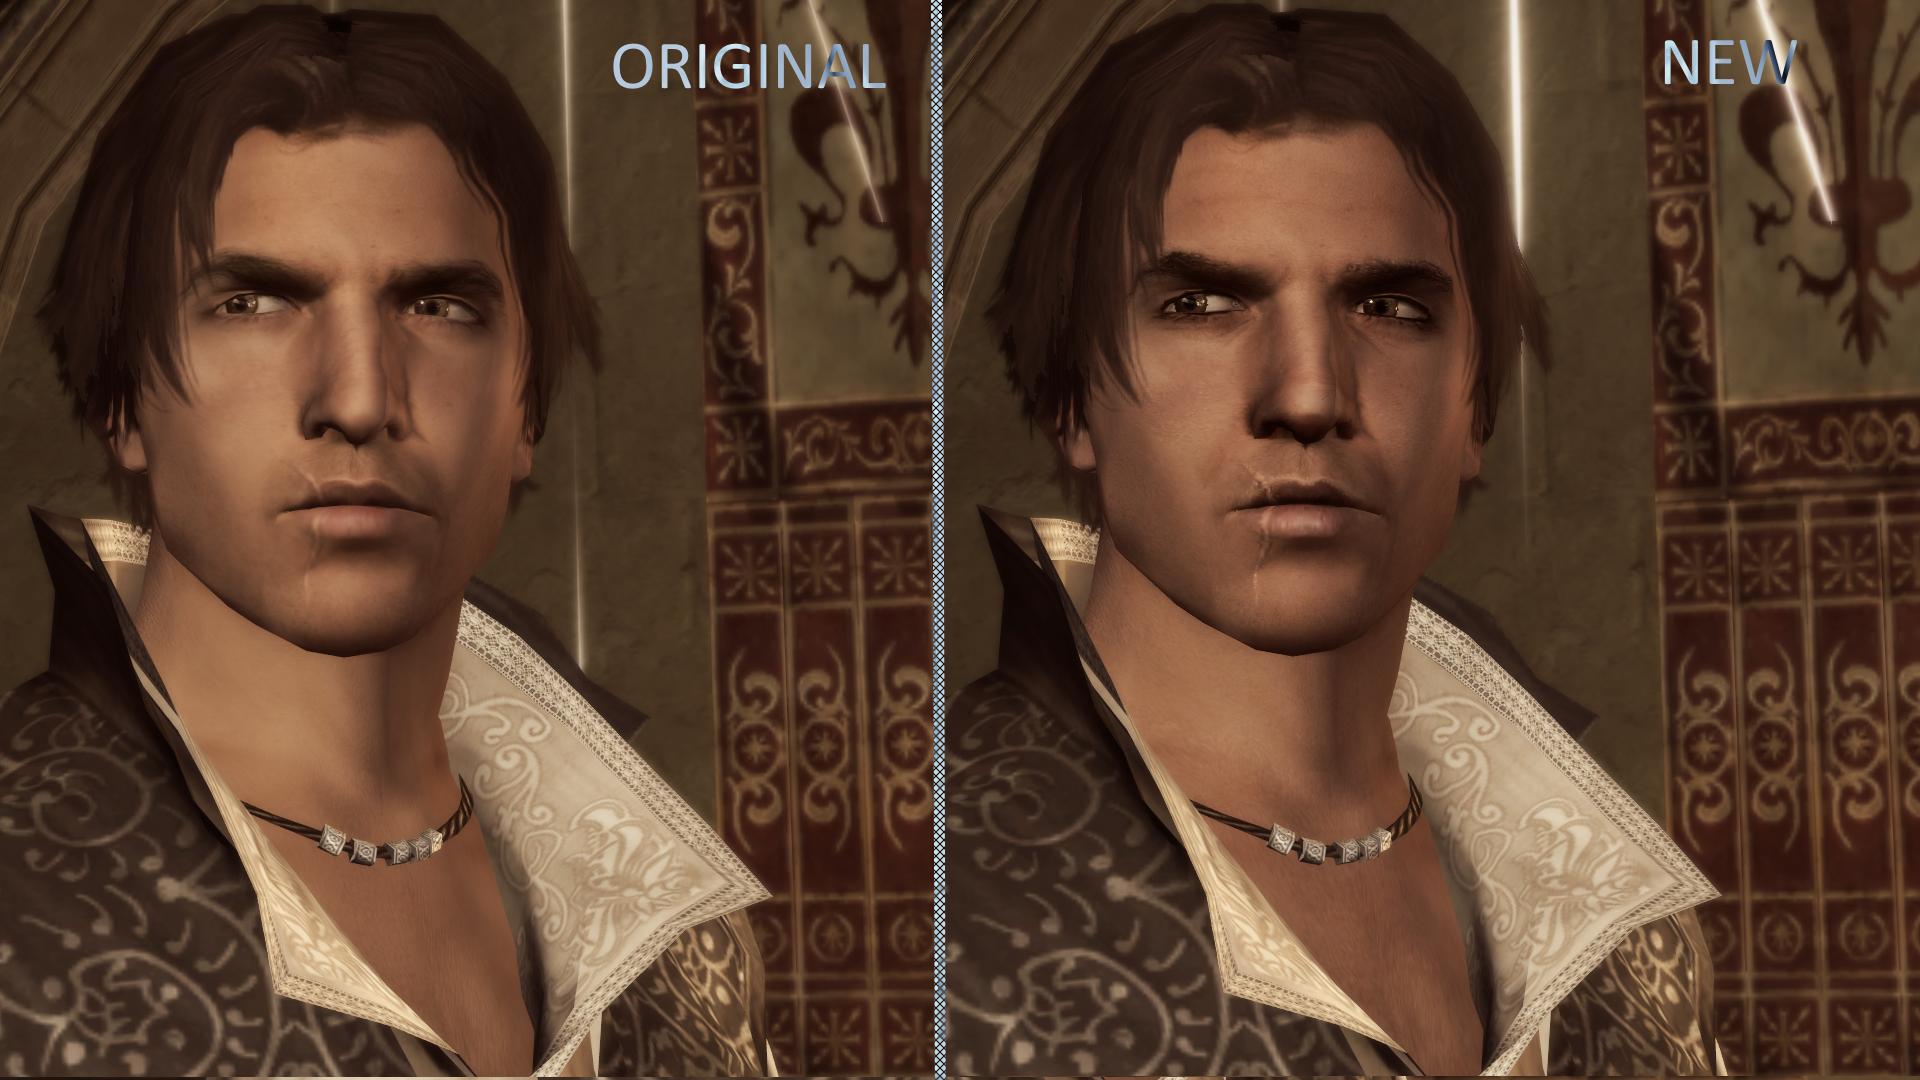 Ezio Auditore Da Firenze An Assassins Creed Face Preset At